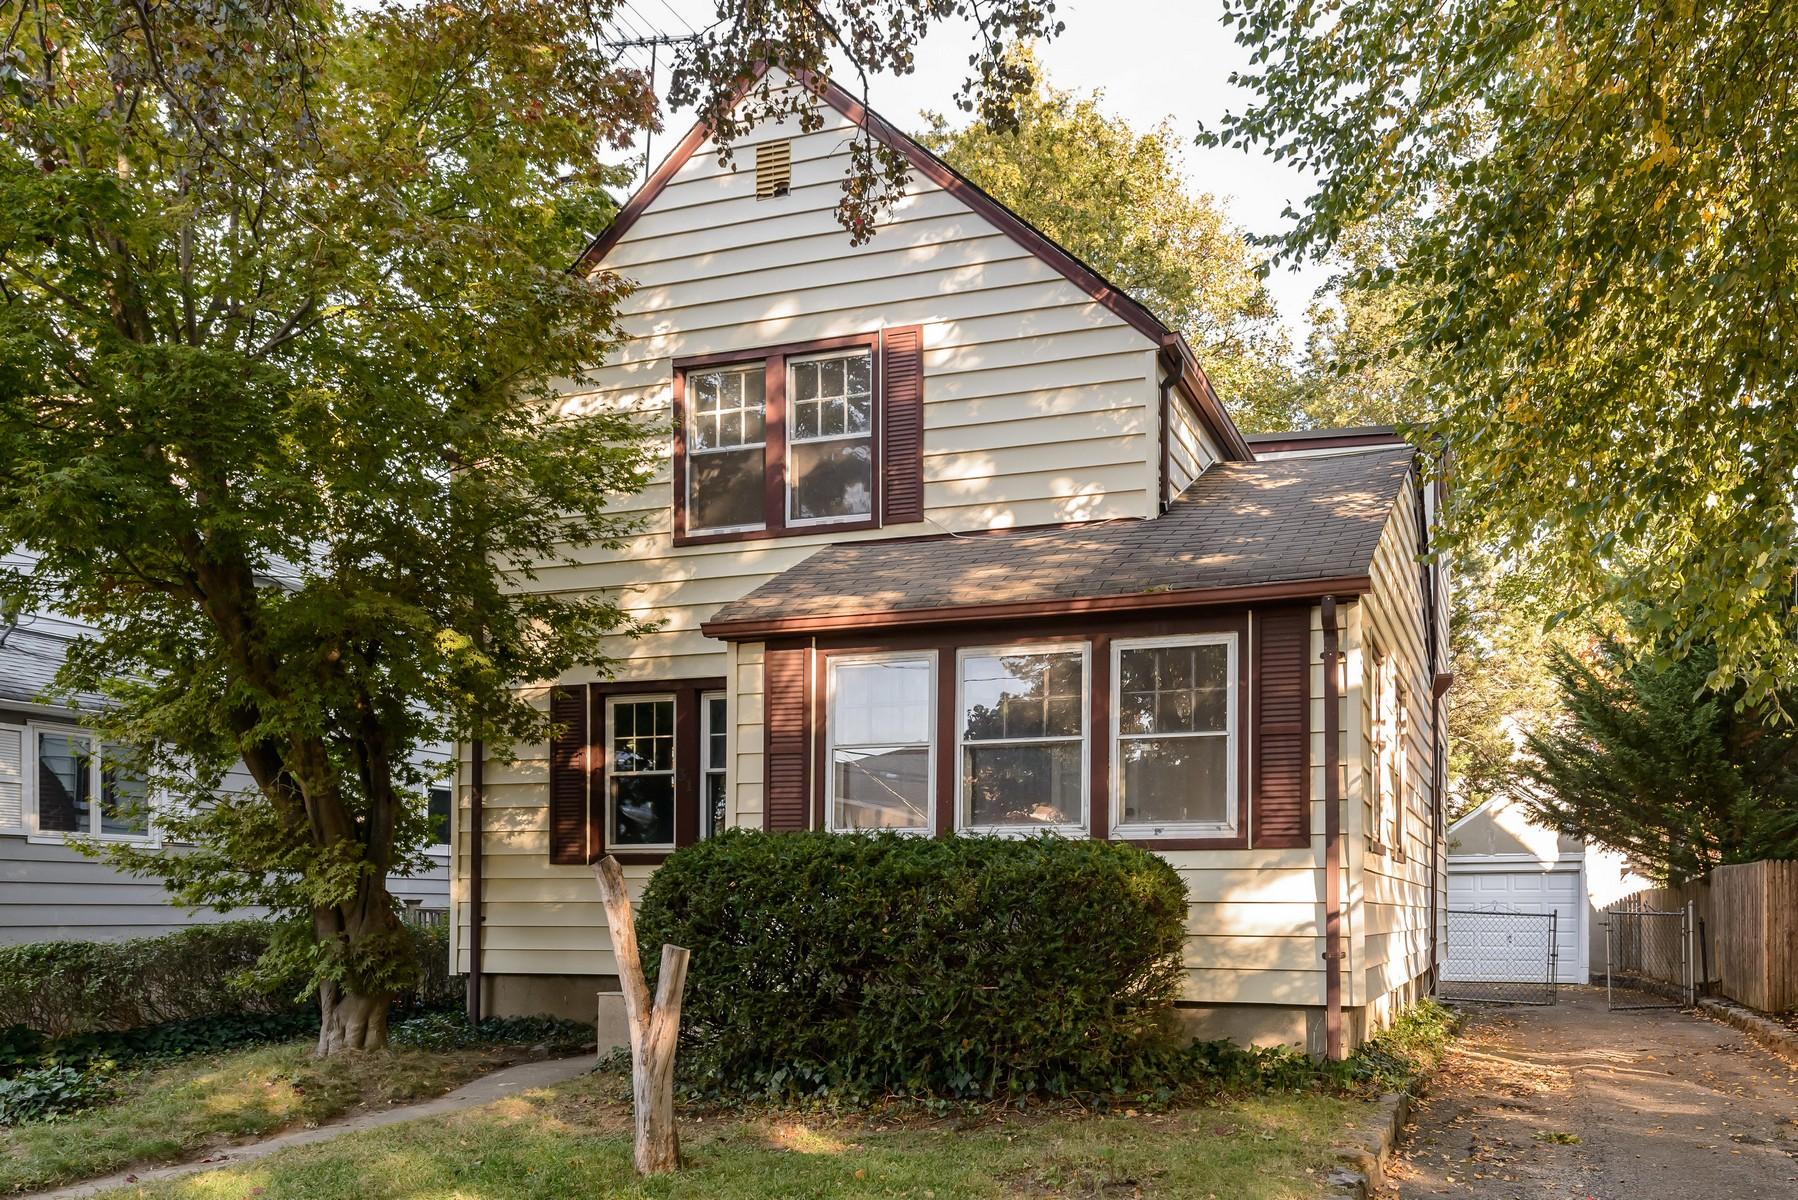 Villa per Vendita alle ore Colonial 31 Fairview Ave Port Washington, New York, 11050 Stati Uniti